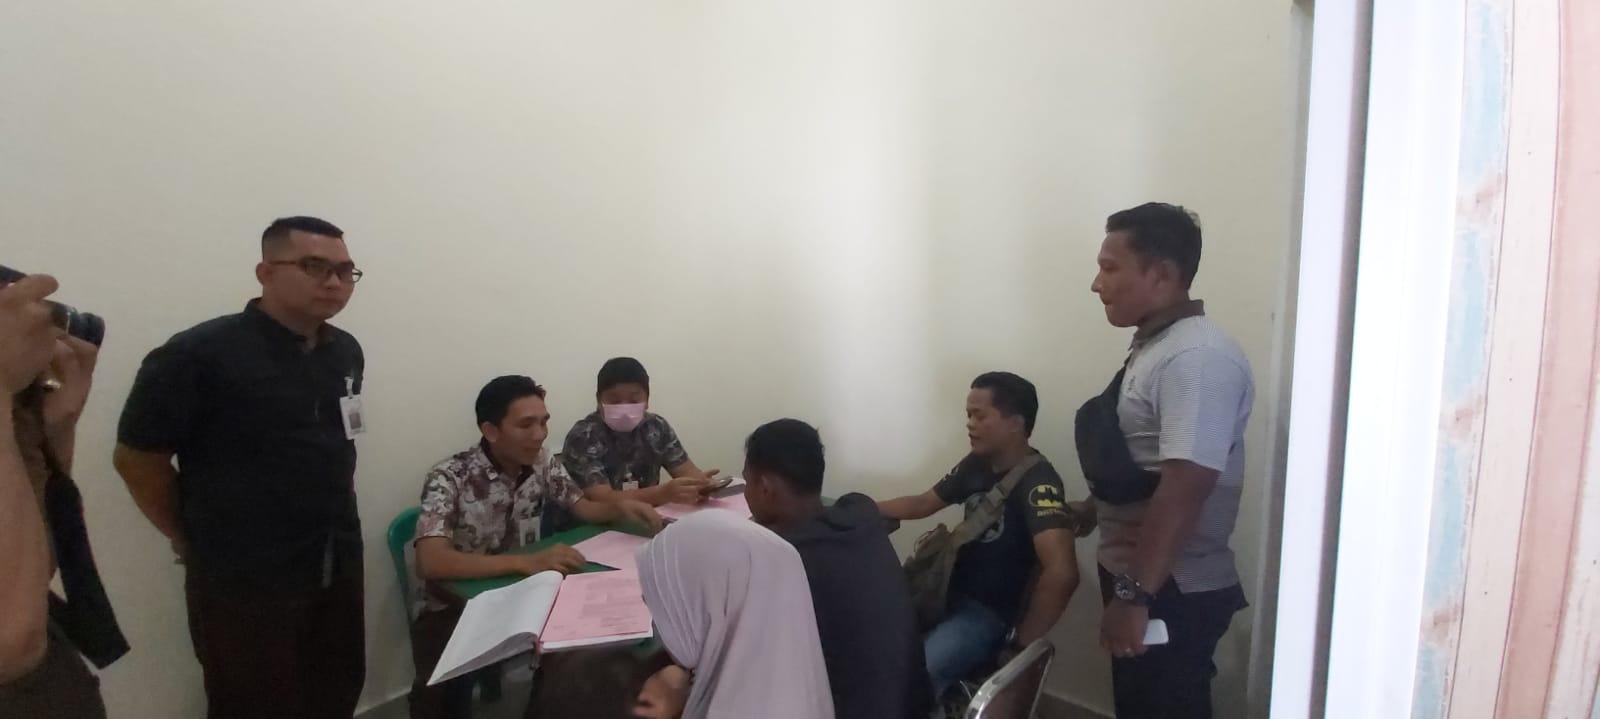 Kasus Pembunuhan Anak, Dilimpahkan ke Kejaksaan Negeri Tanjung Balai